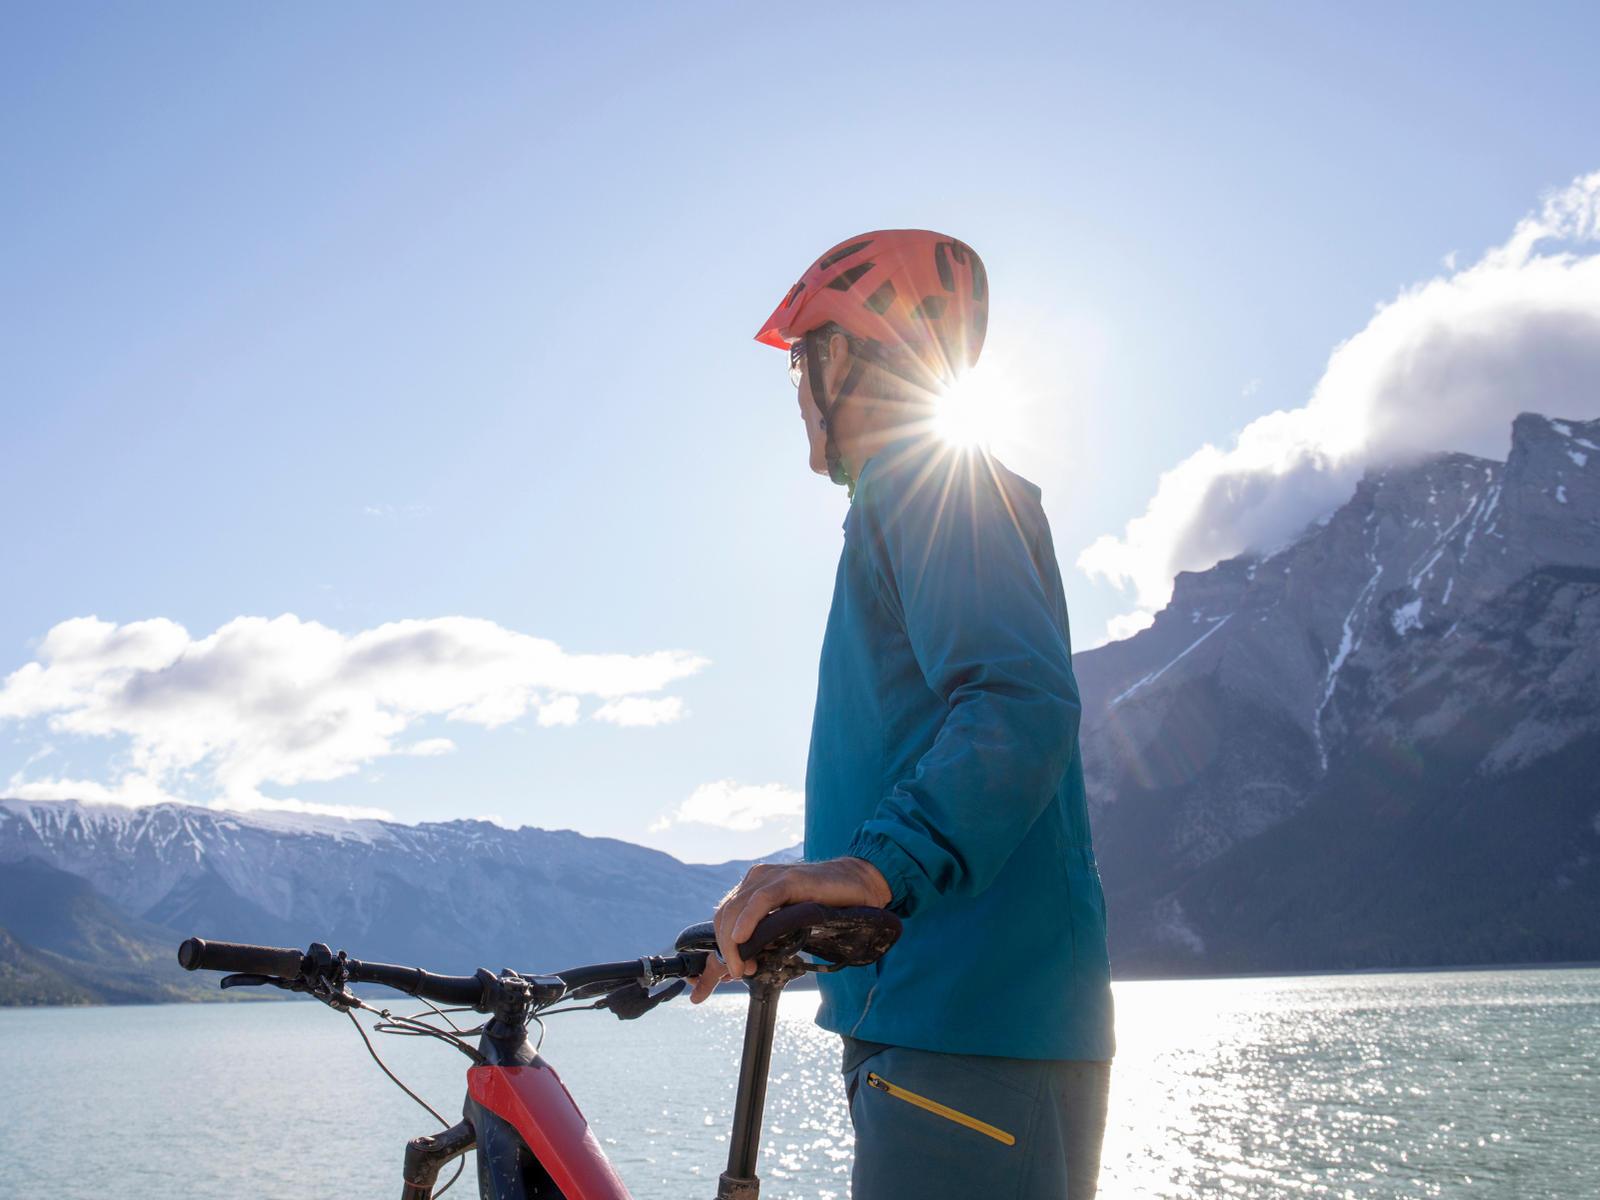 Mann mit Fahrrad vor See mit Bergen